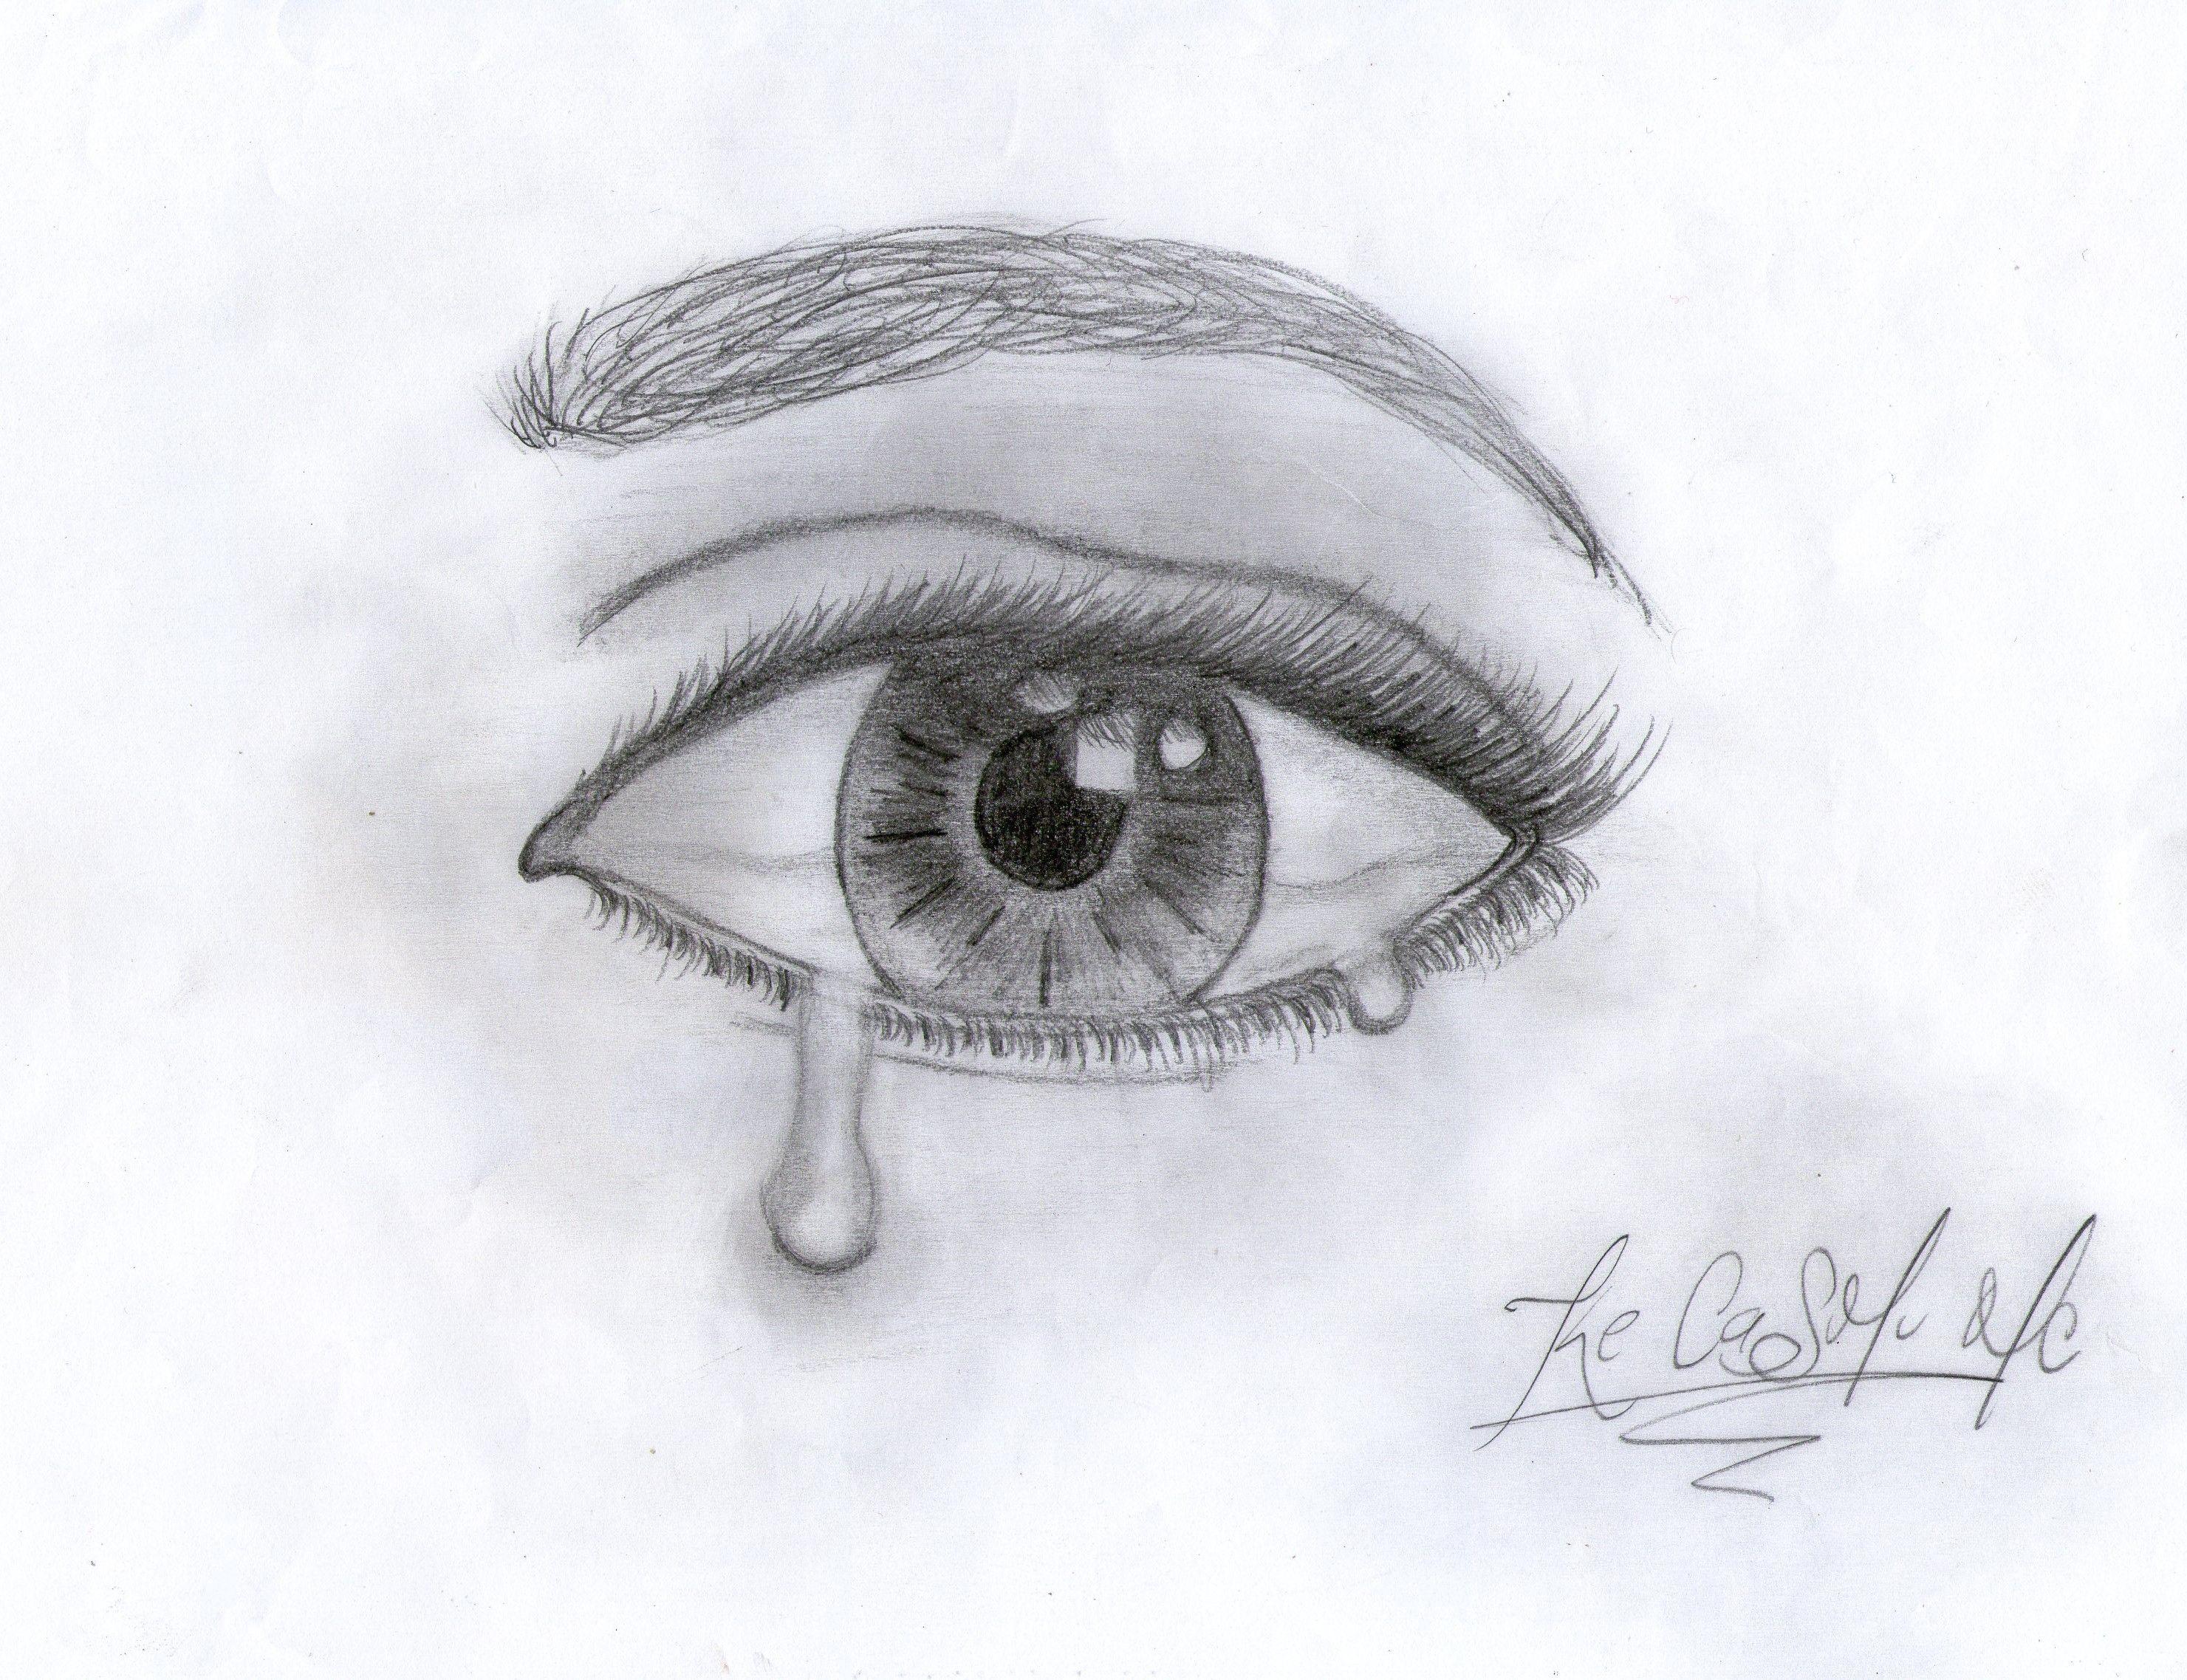 Dibujo De Ojo Dibujos De Ojos Ojos Llorando Ojos